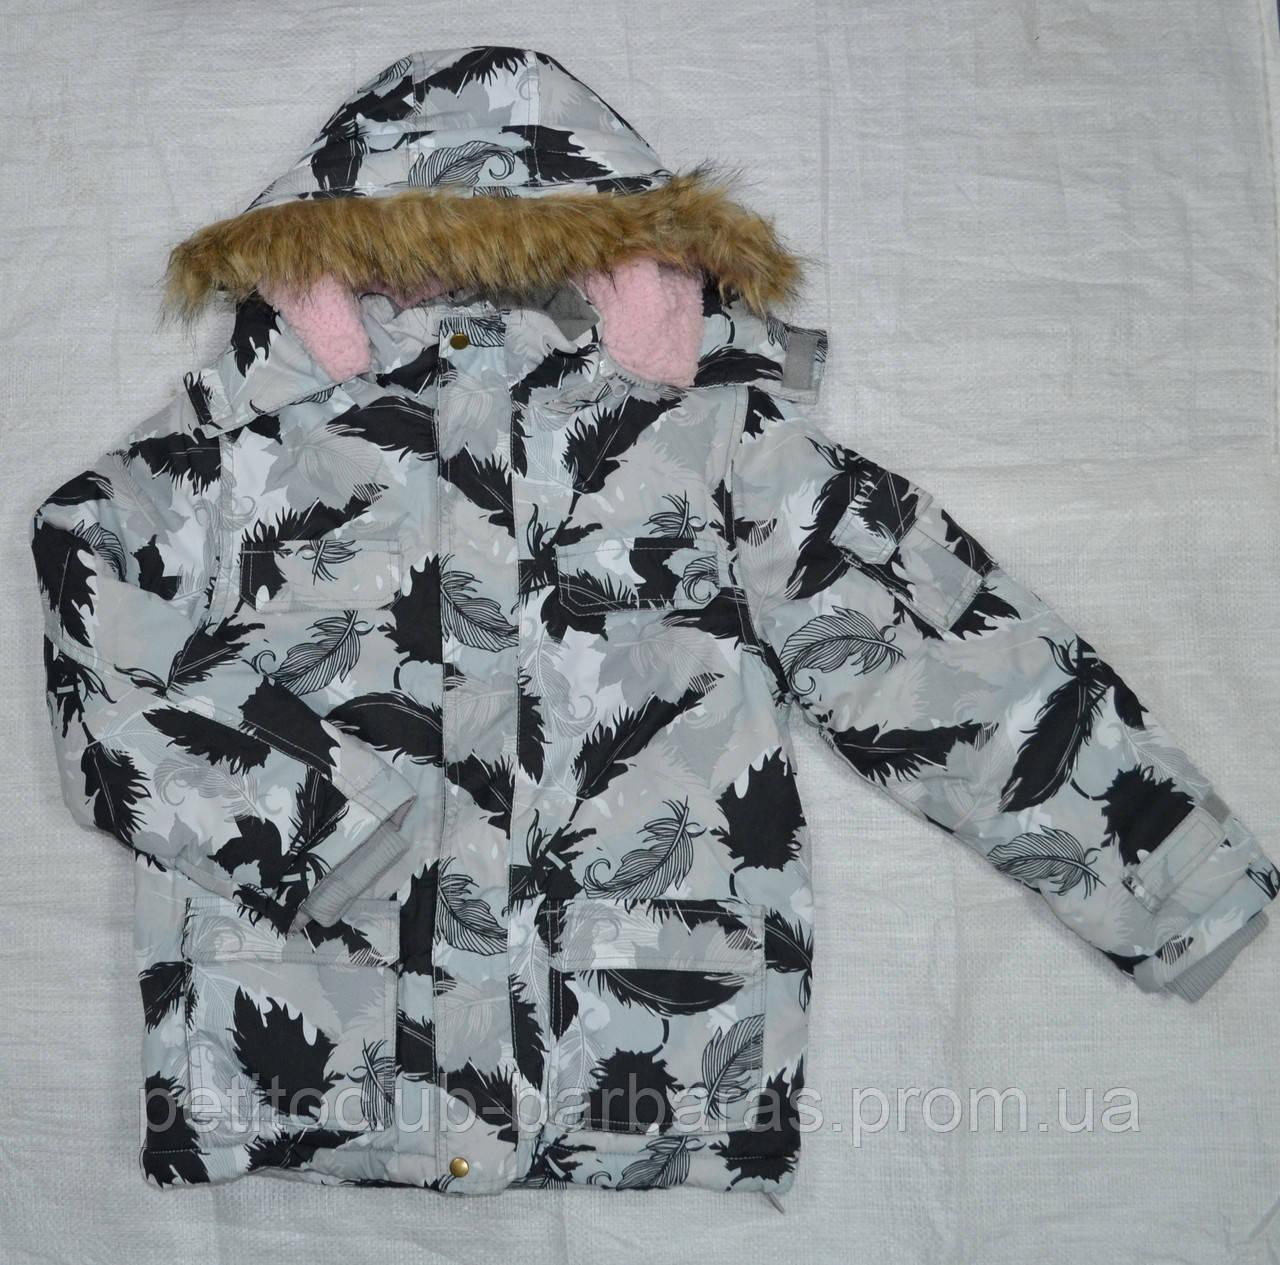 Куртка зимняя для девочки ТЕА серая (QuadriFoglio, Польша)